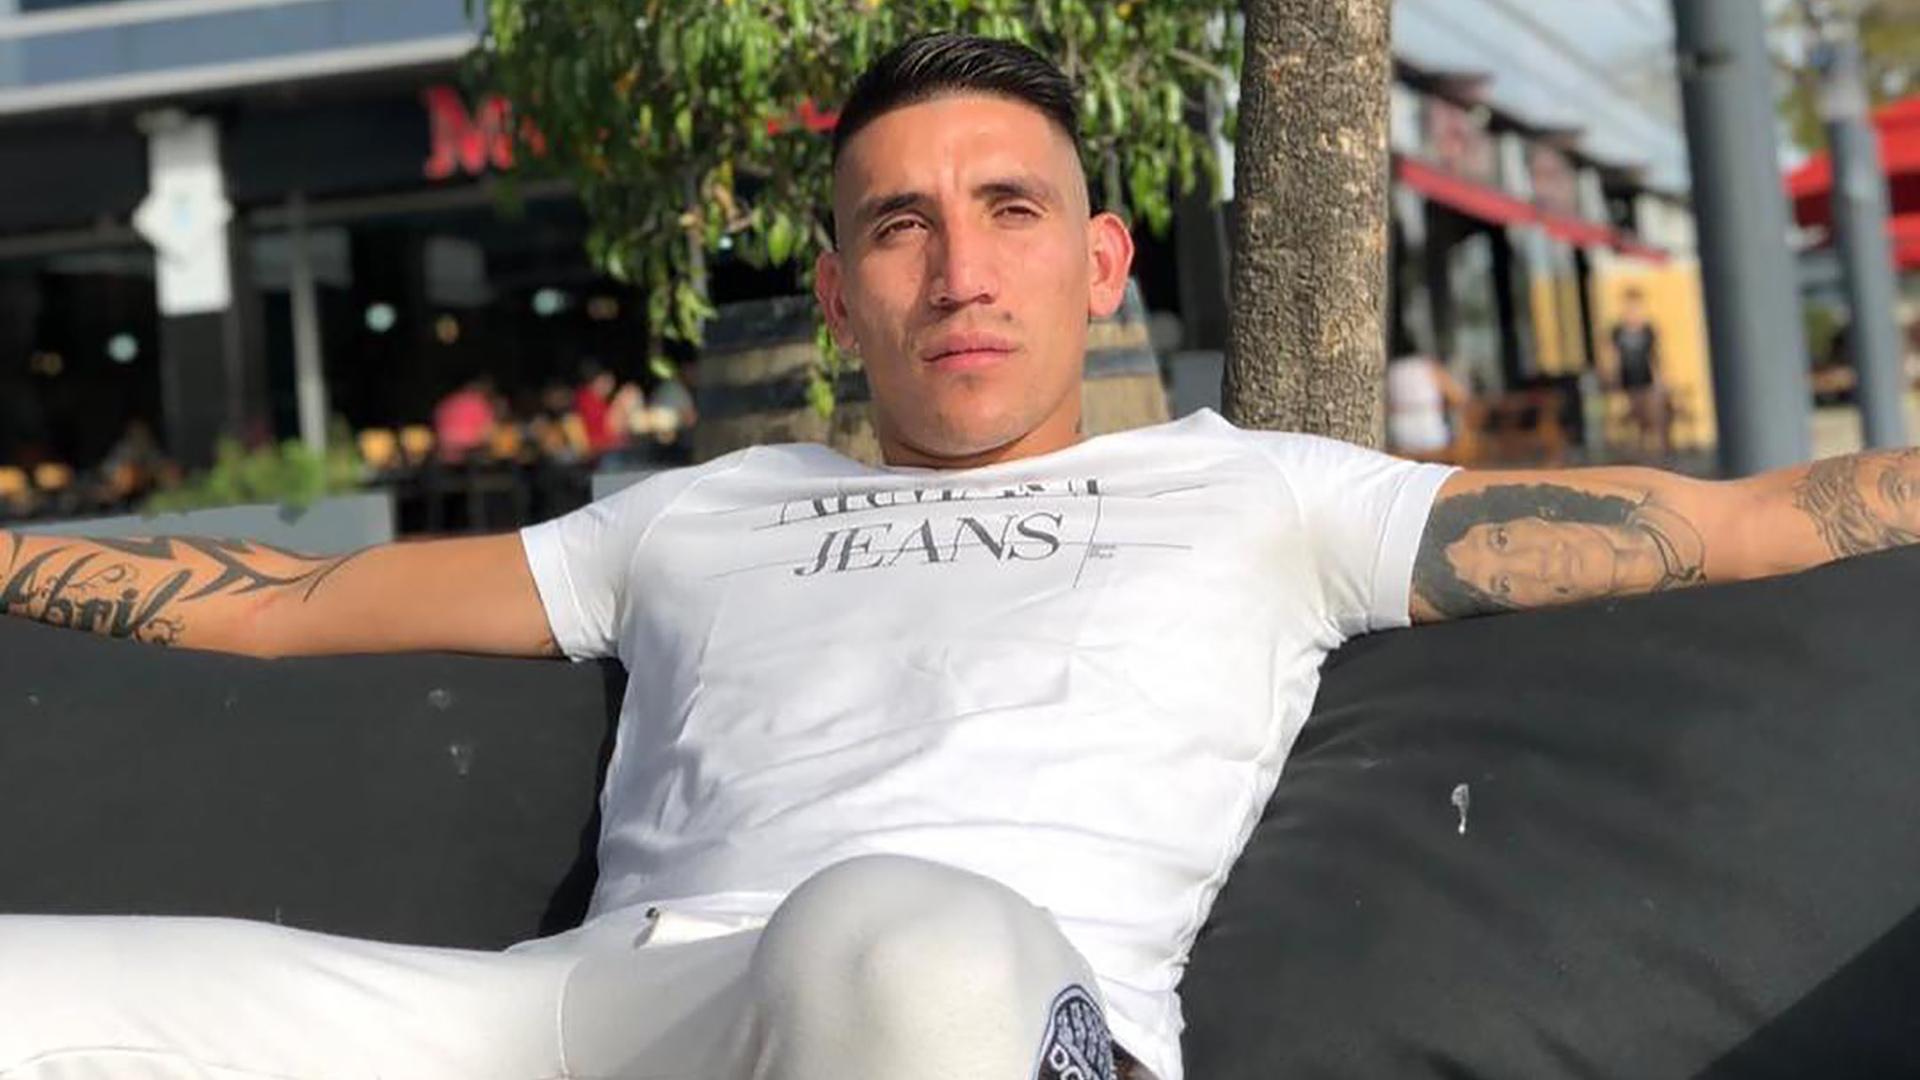 Lanús y Rosario Central son los equipos de Primera División que se mostraron interesados en contratar a Ricardo Centurión, pero su futuro podría estar en un club de la Superliga de China (@adrianricardo1993)